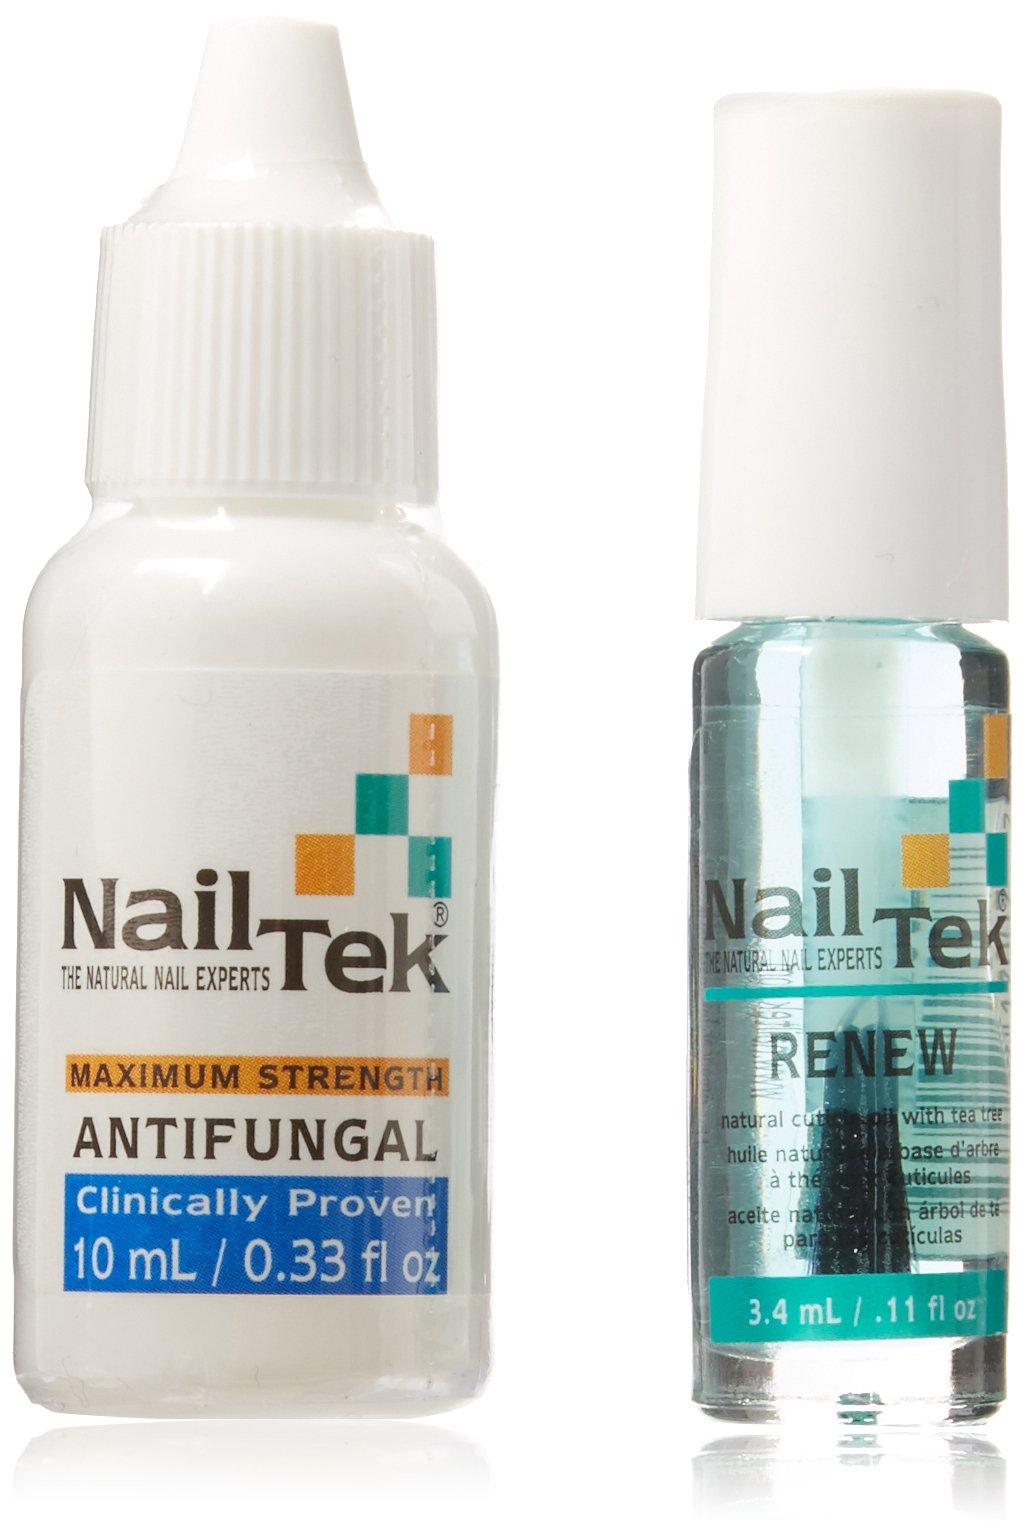 Nail Tek New Anti Fungal Kit, Anti Fungal Plus